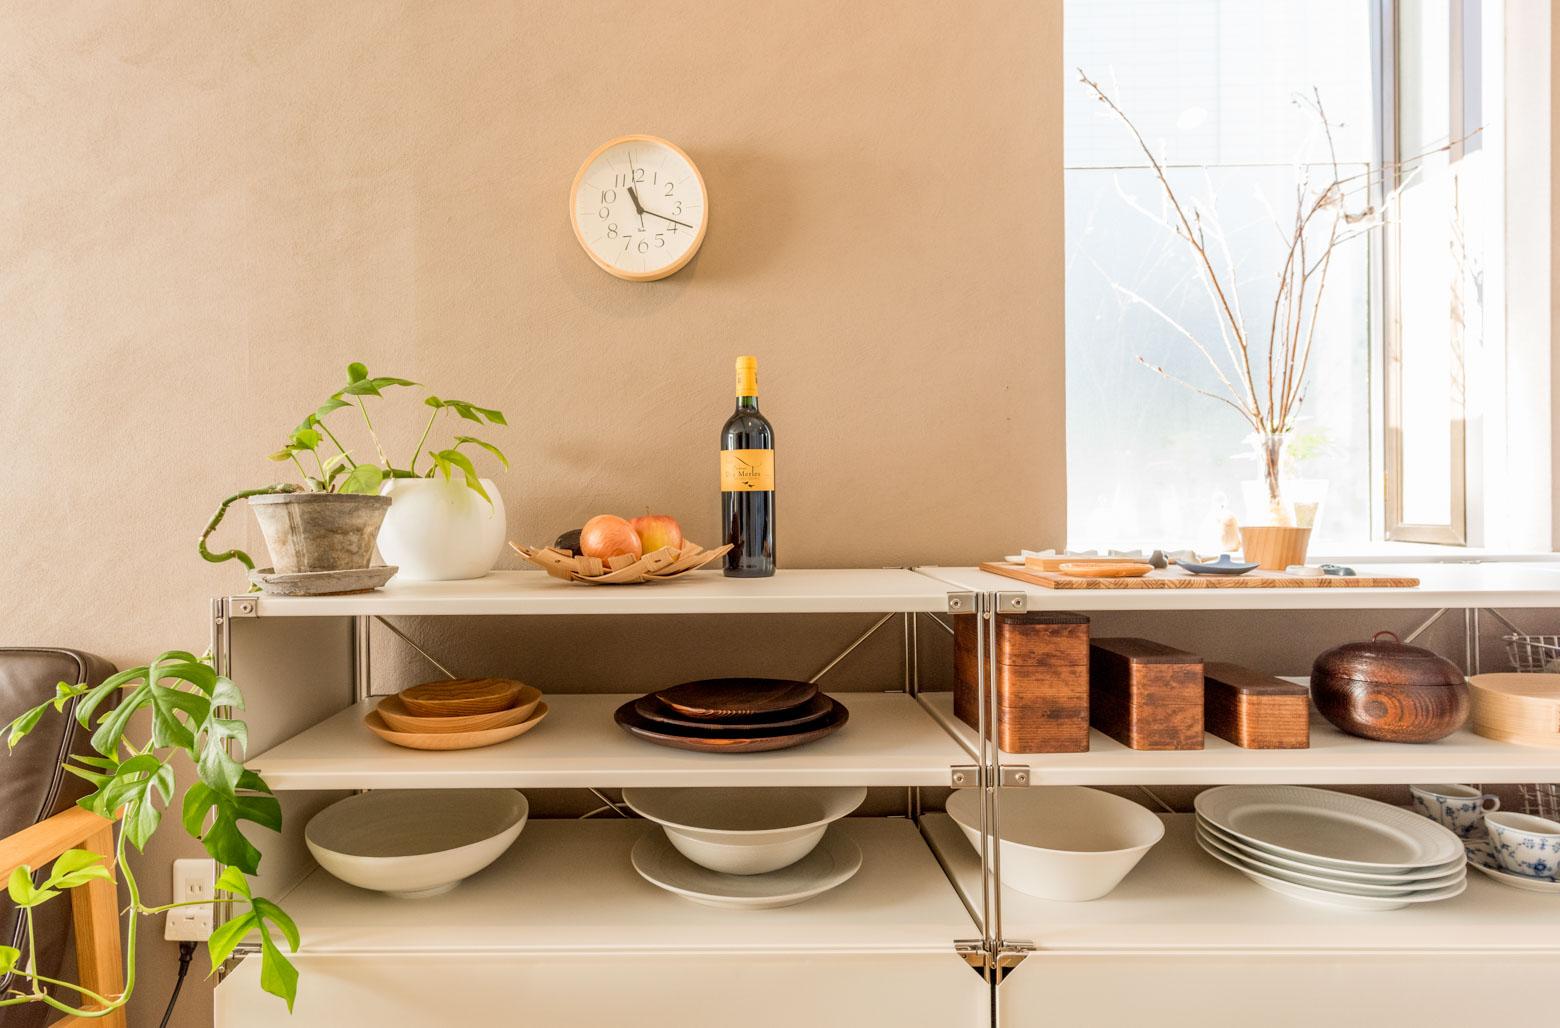 お気に入りの器を飾って収納する食器棚。棚1段の高さをかなり低くすることもできるので、食器が取り出しやすいんです。(このお部屋はこちら)